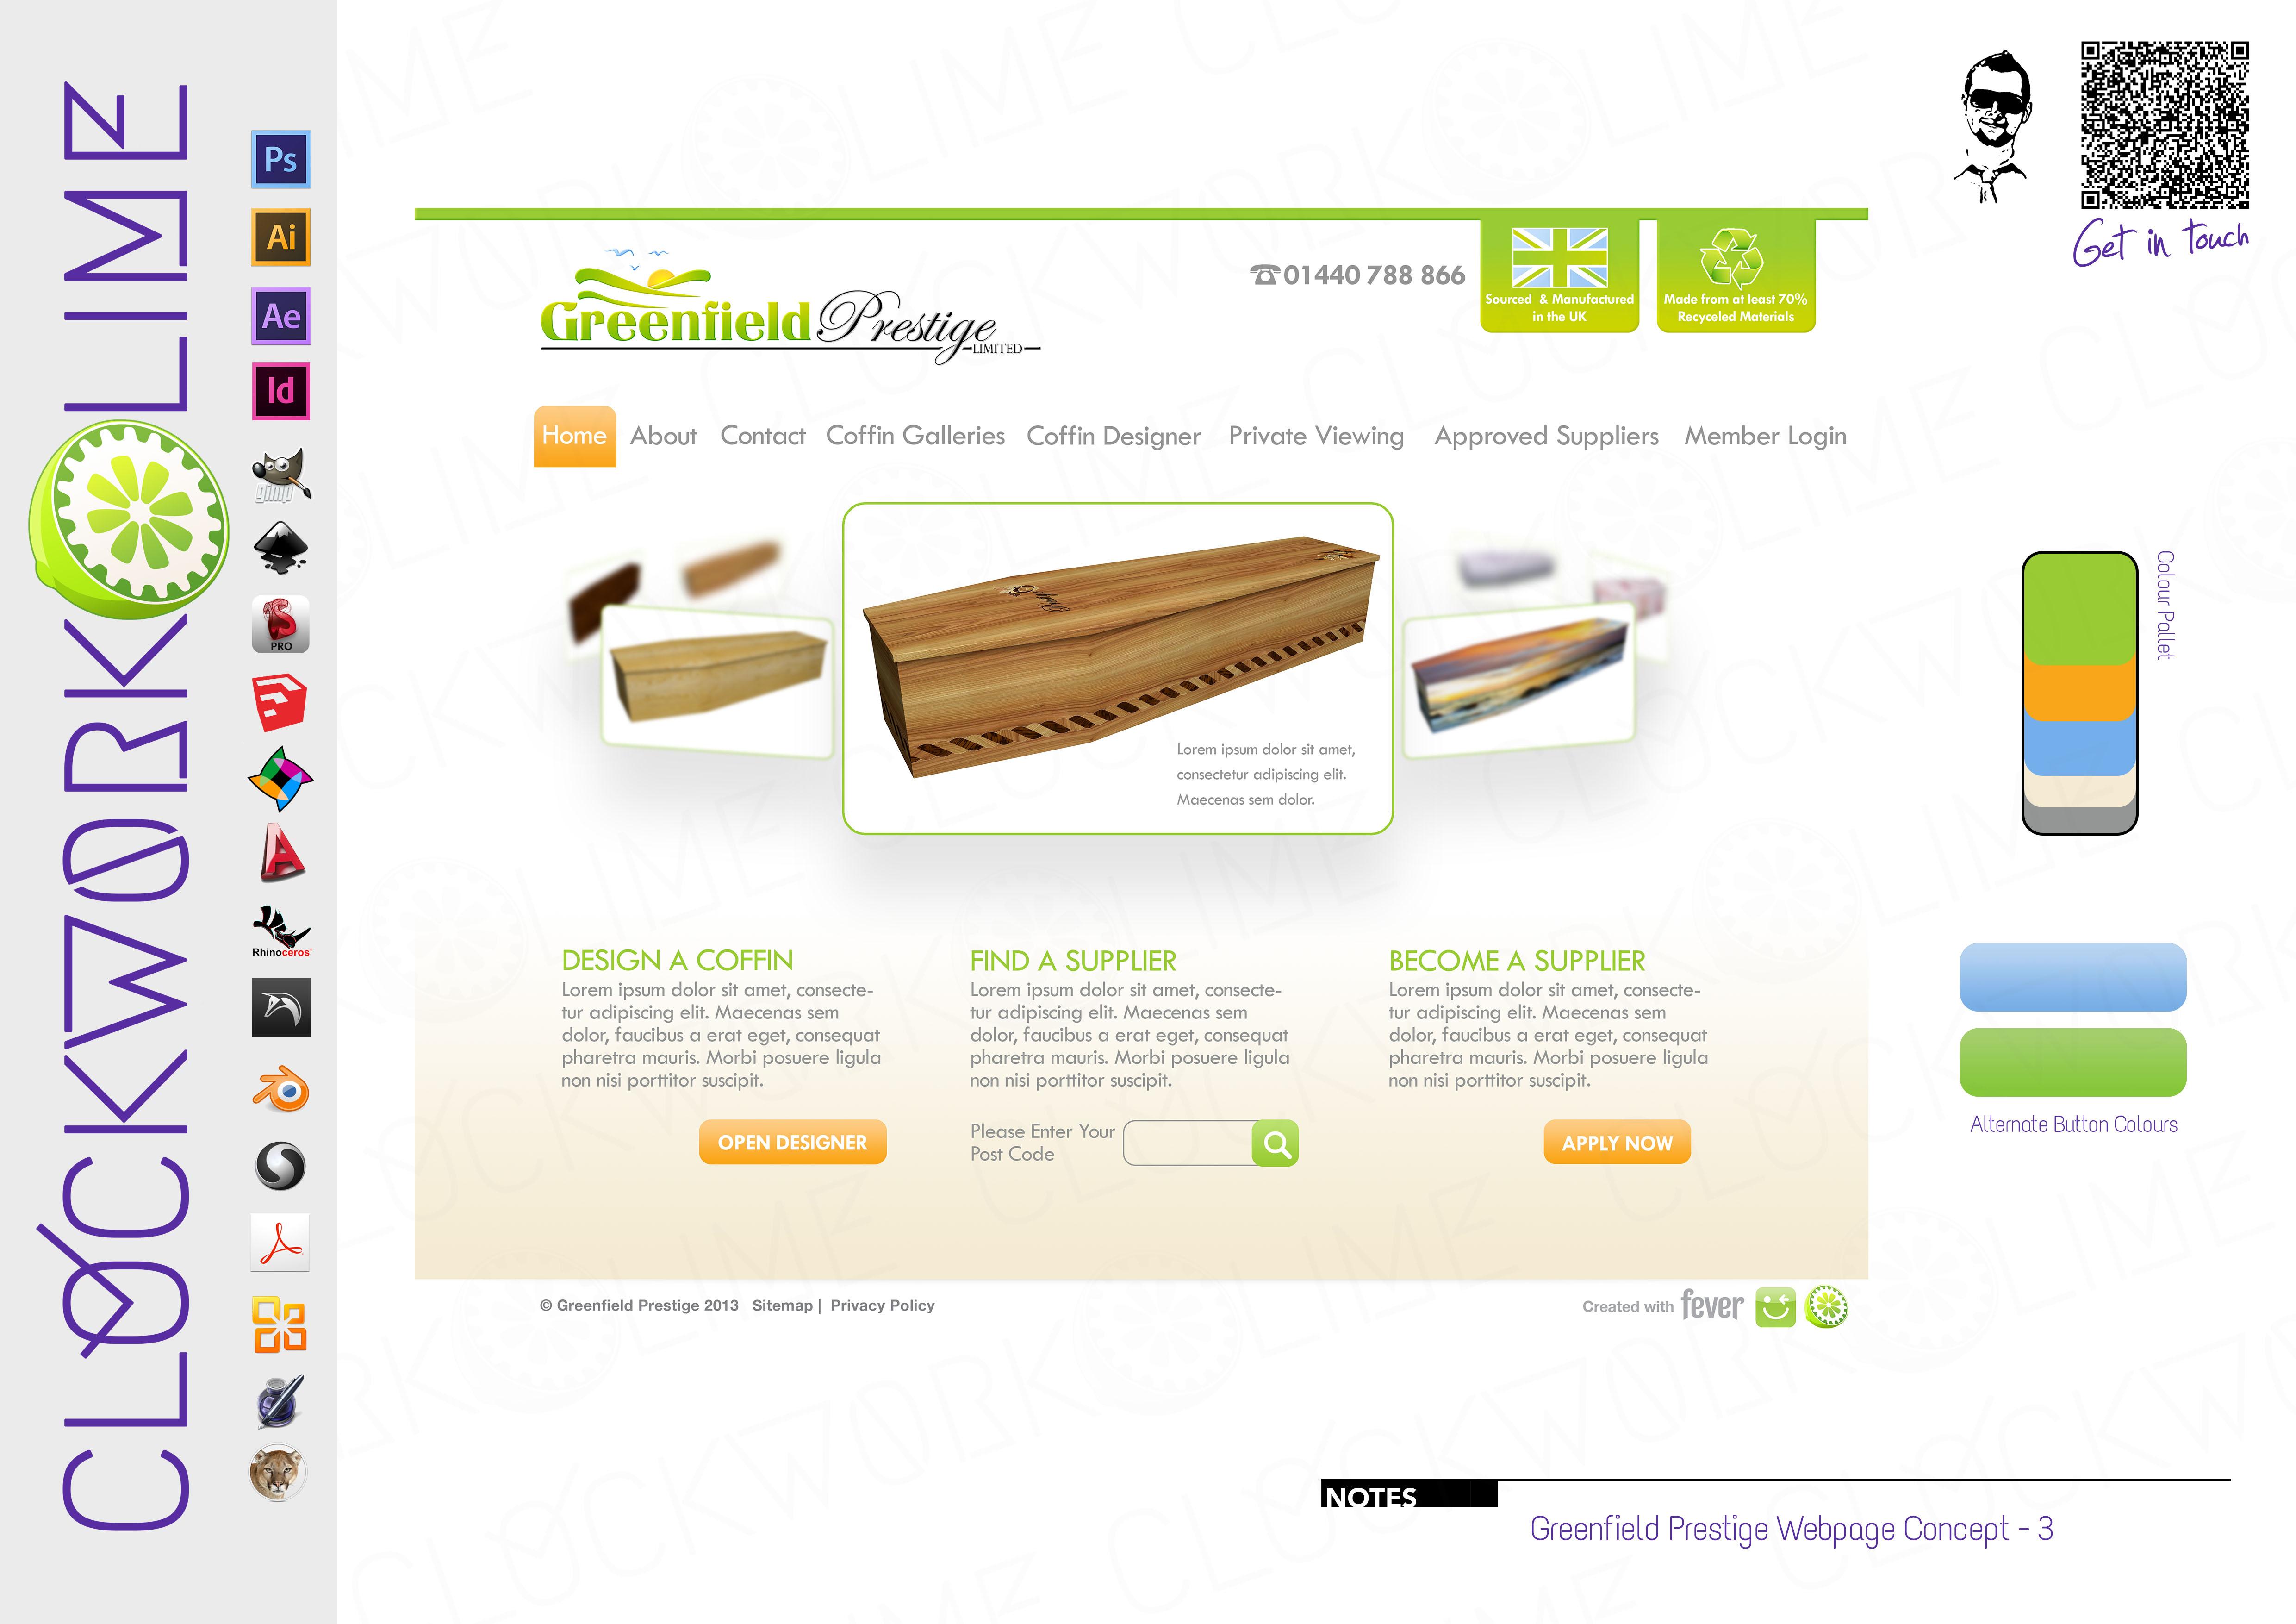 Greenfield Prestige Web Design | Architectural Design and